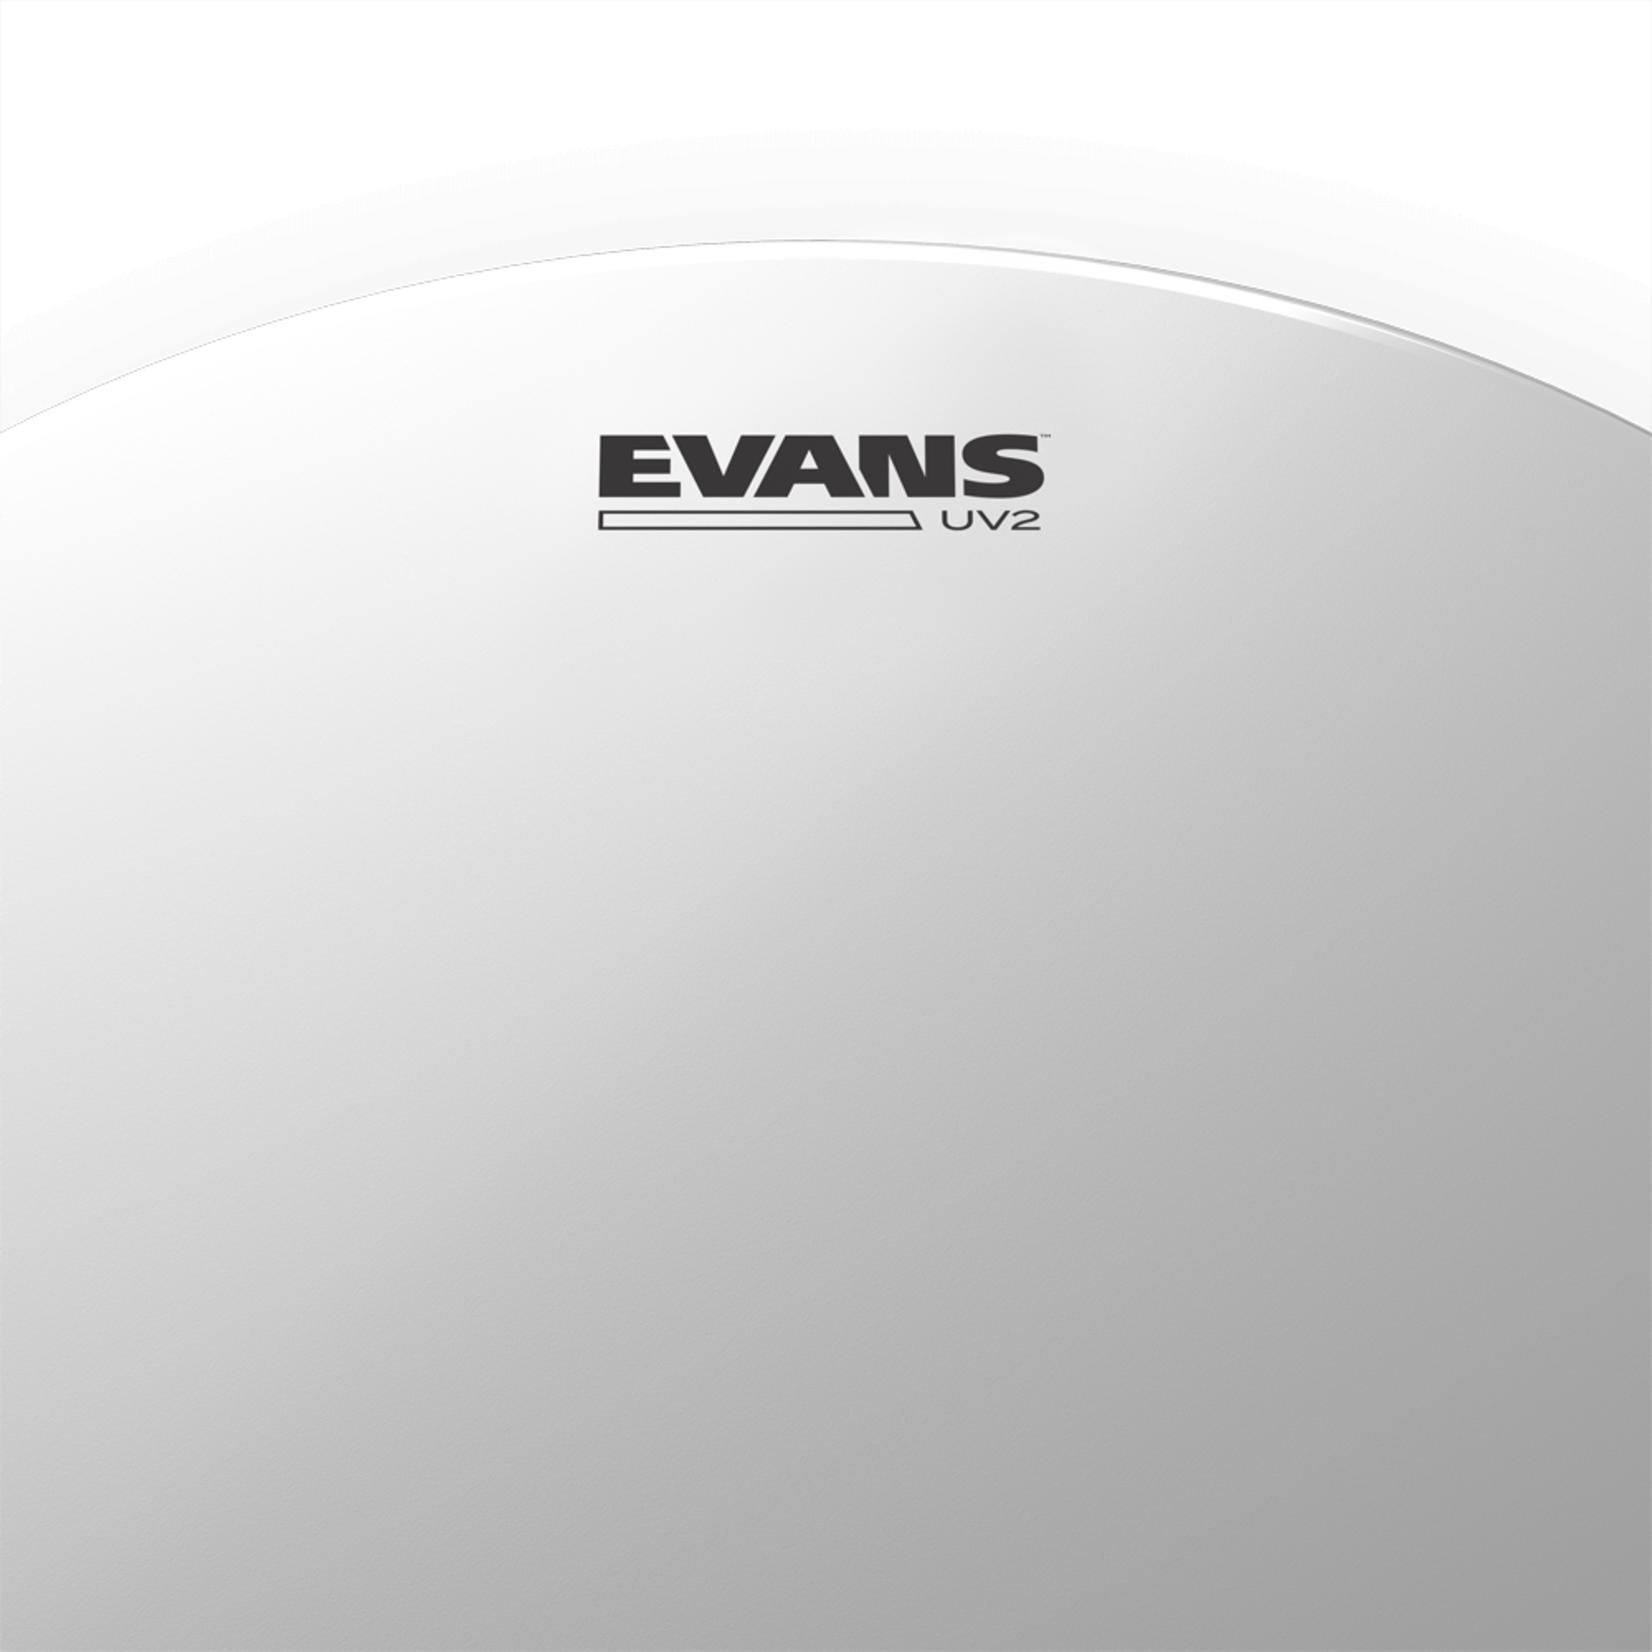 Evans EVANS UV2 COATED